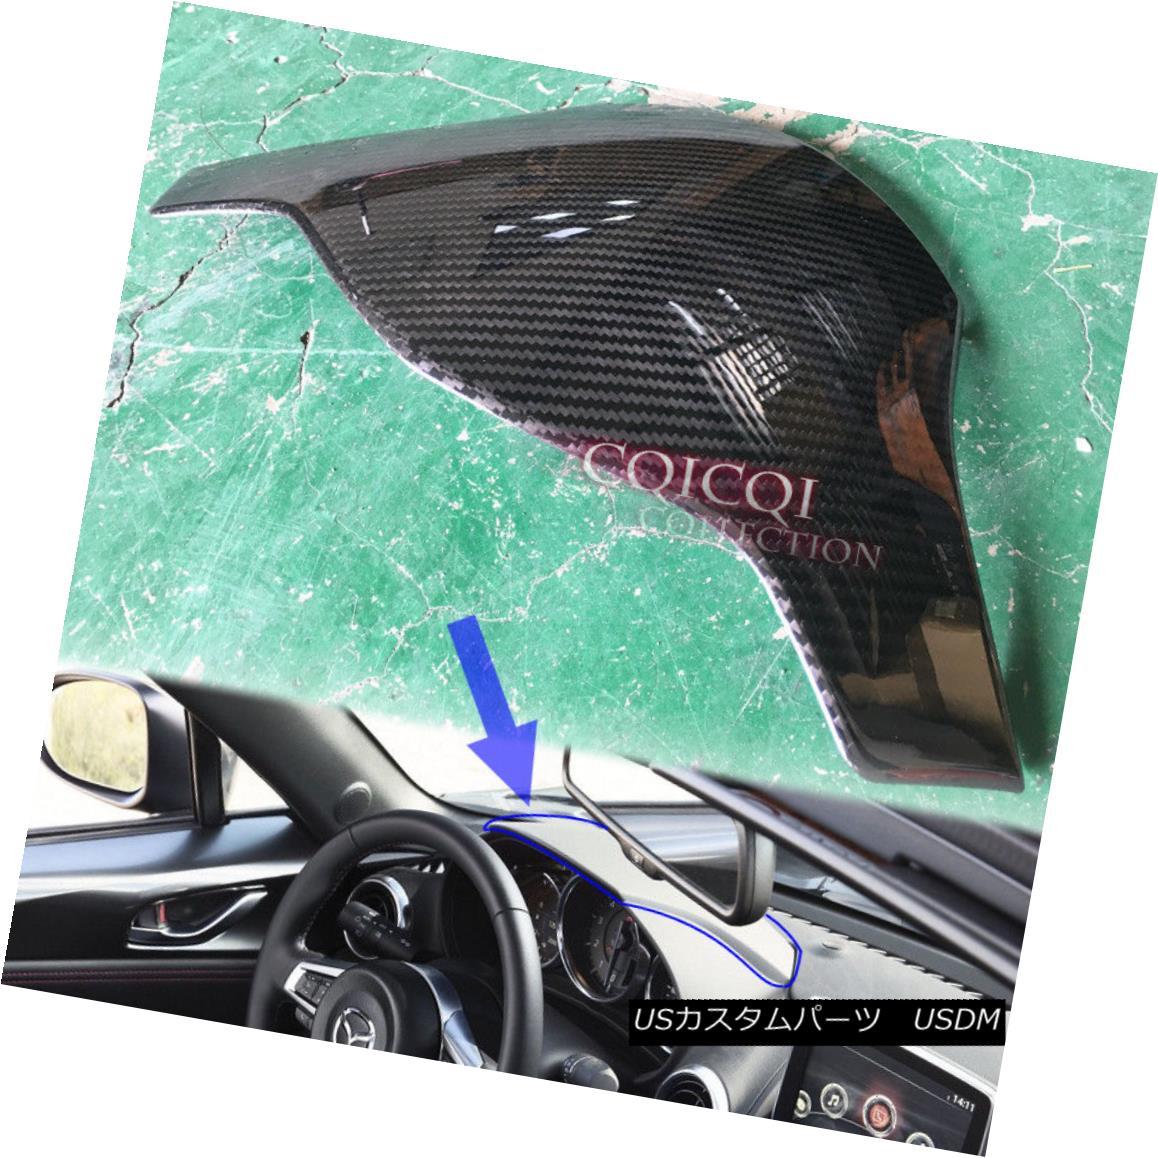 エアロパーツ Carbon Fiber Mazda 15~18 MX5 MX-5 Miata Roadster ND Dashboard Gauge cover ◎ カーボンファイバーマツダ15?18 MX5 MX-5 MiataロードスターNDダッシュボードゲージカバー?